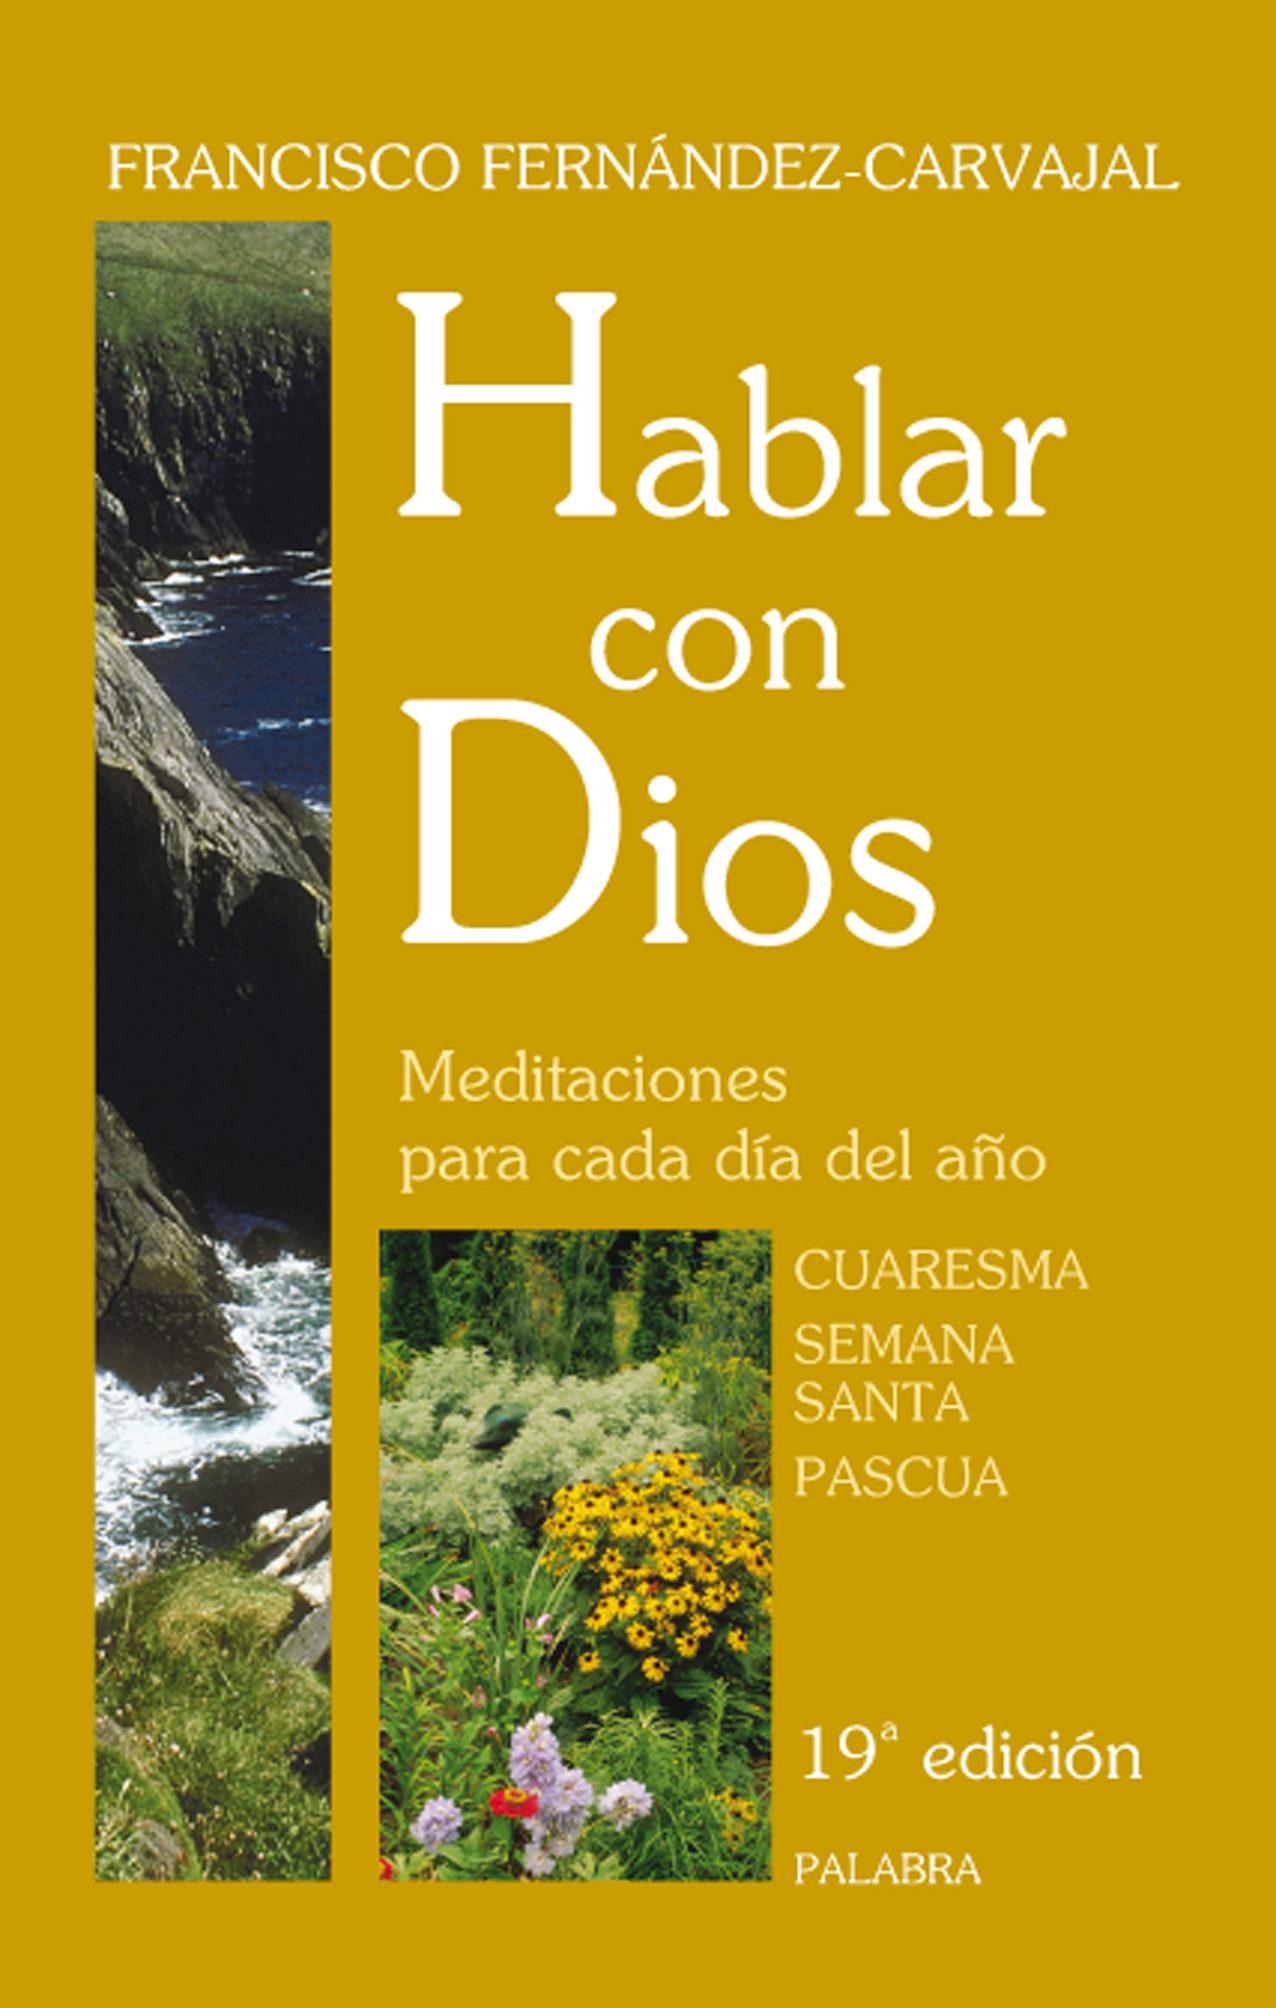 Hablar Con Dios (tomo Ii) (19ª Ed.) - Fernandez-carvajal Francisco